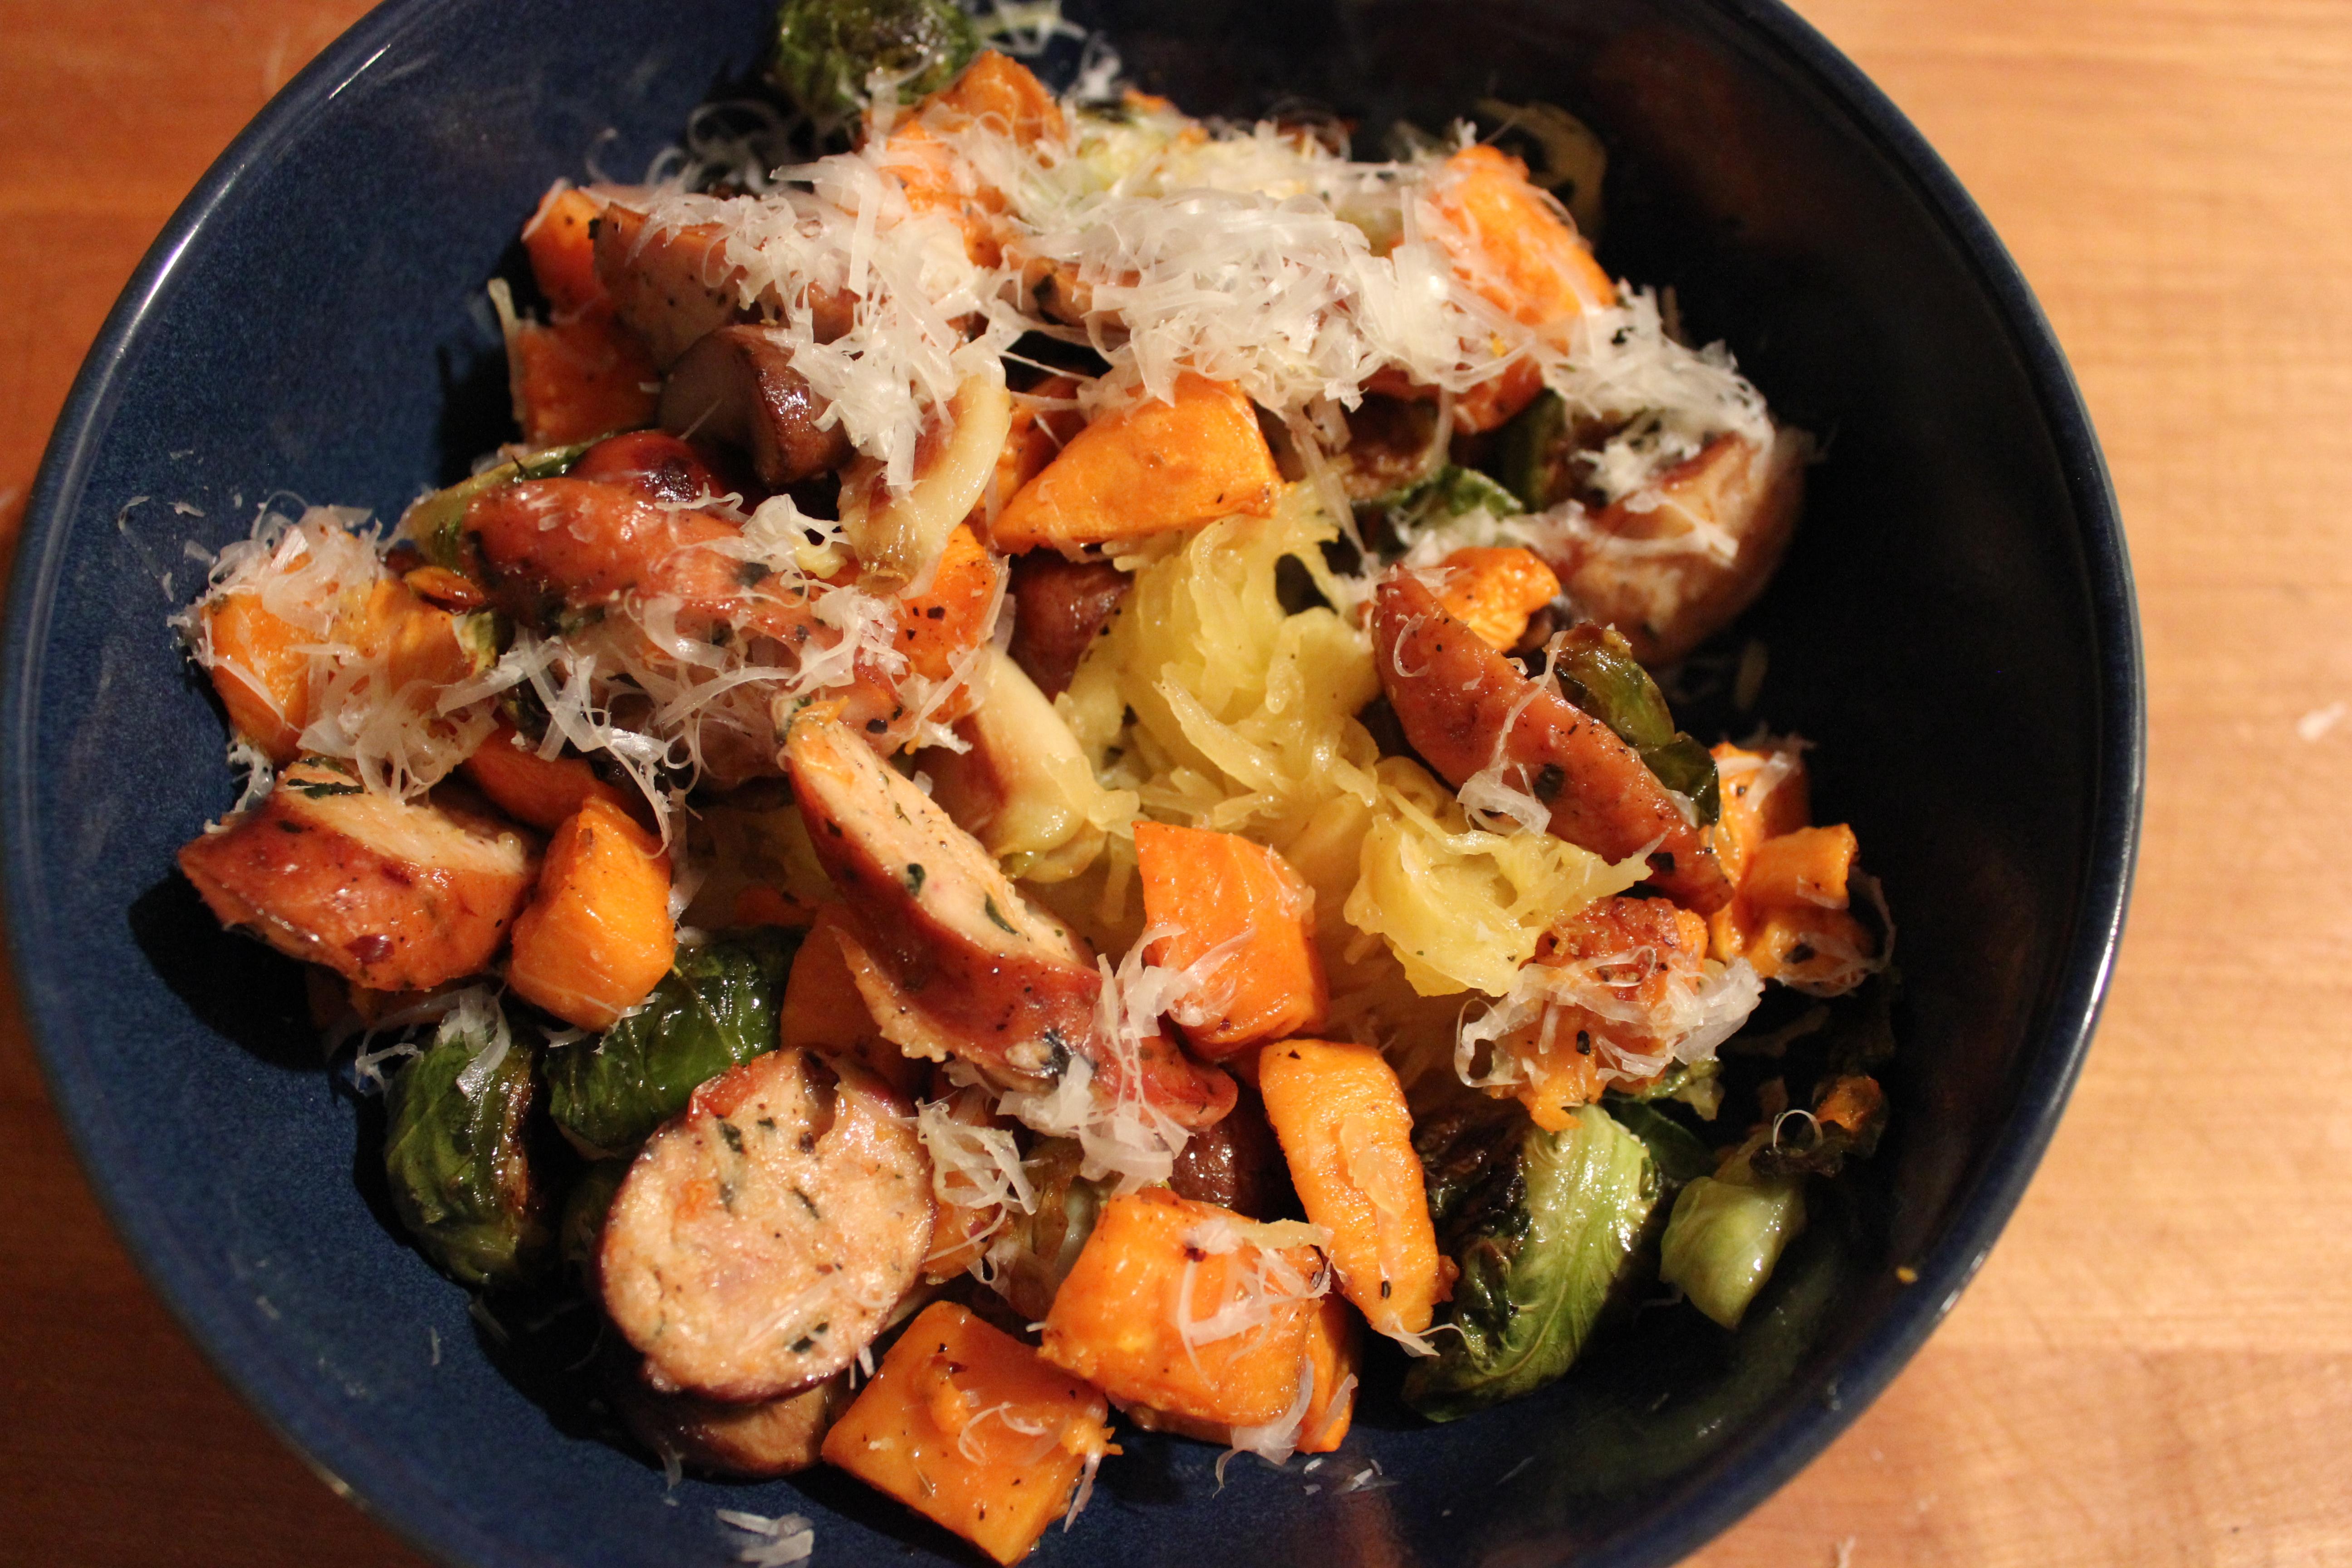 Roasted veggies and spaghetti squash